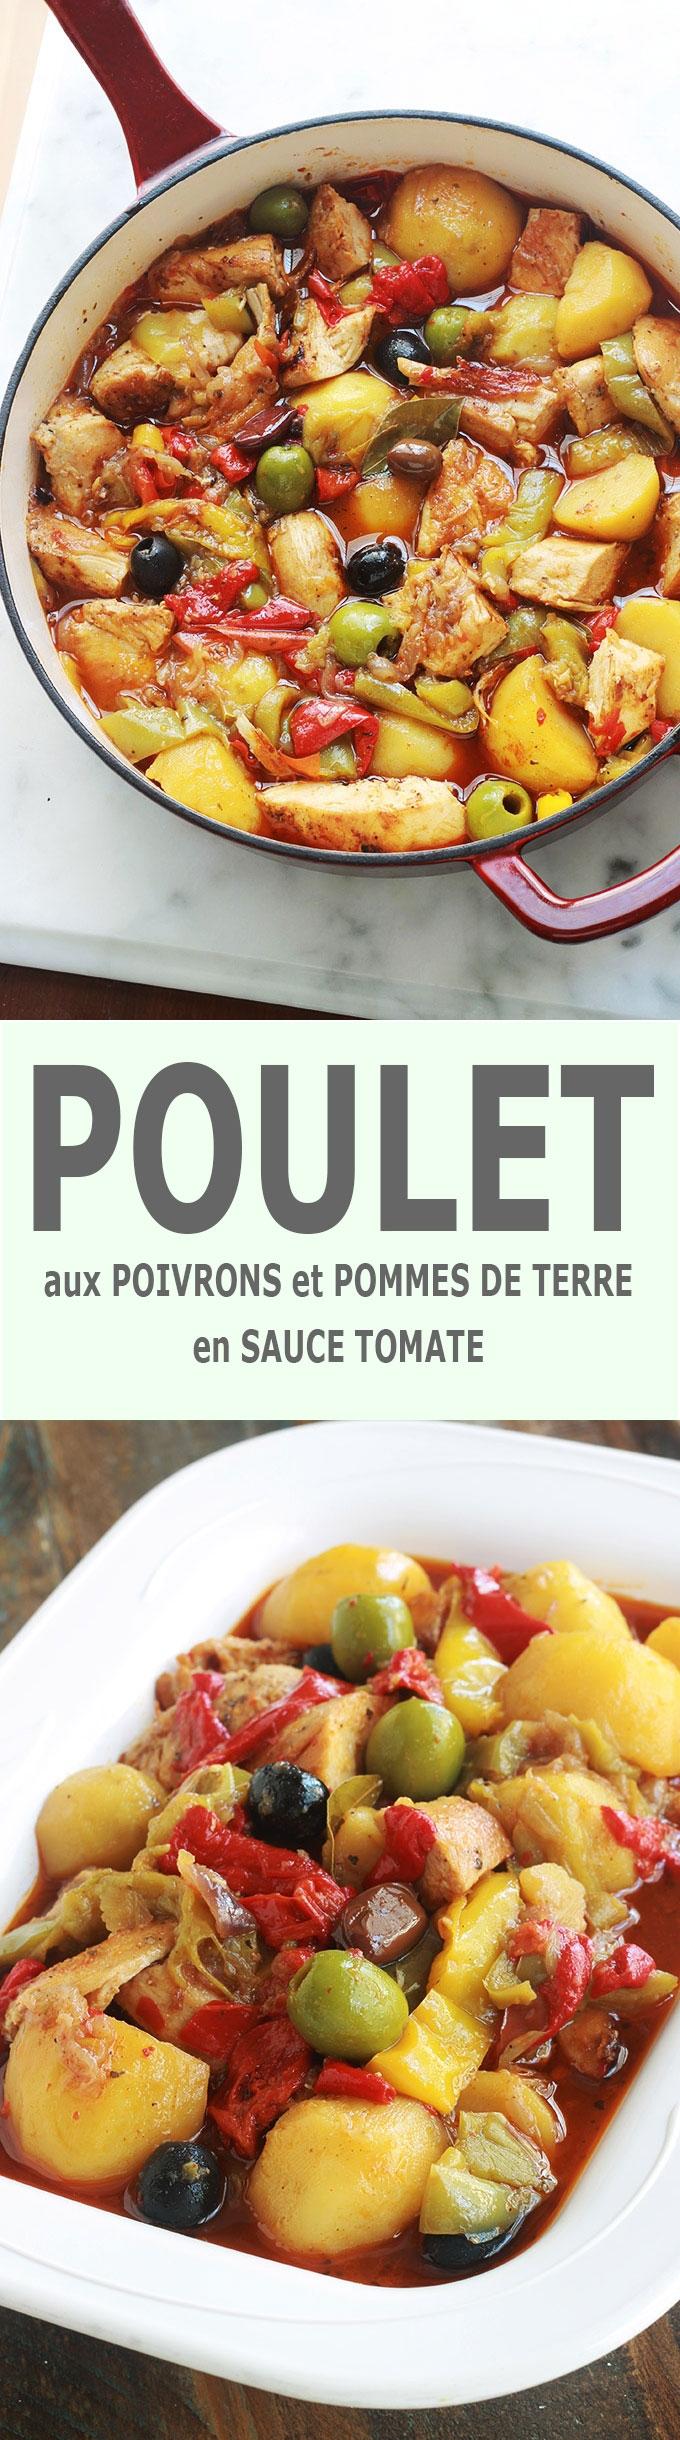 Délicieux plat complet et équilibré : poulet aux poivrons et pommes de terre fondantes en sauce tomate. Ce sont des morceaux de blanc de poulet sautés puis mijotés avec des légumes dans une sauce tomate. Une recette simplissime, facile et économique.